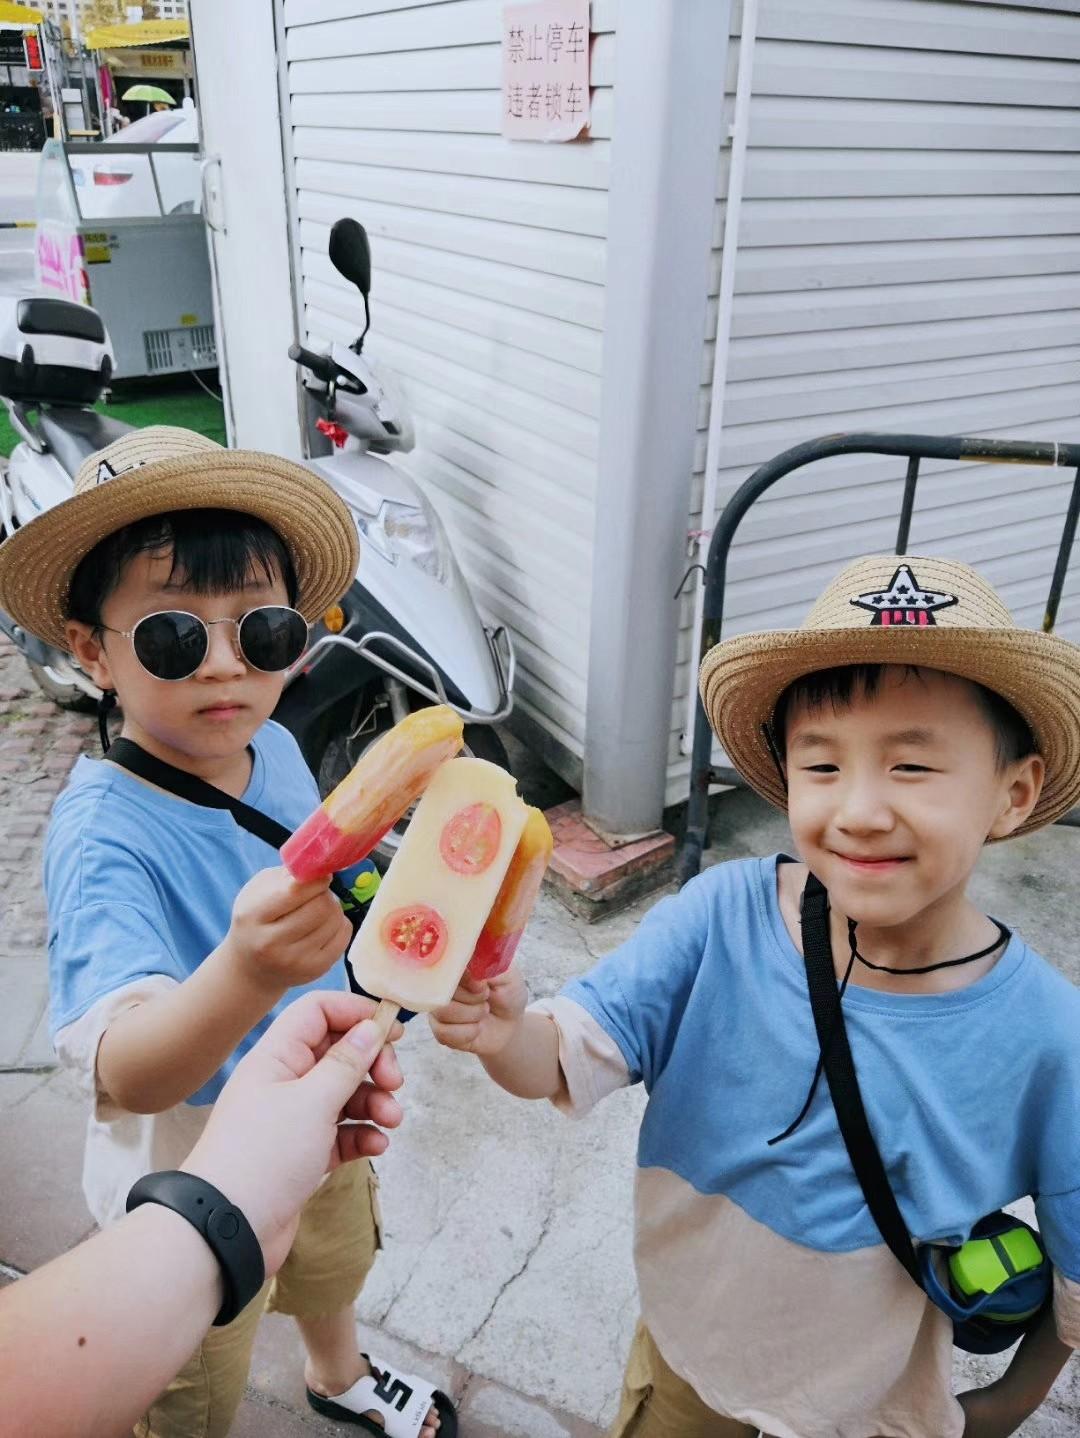 广州-爱摄影的小白 《Ice cream》 HUAWEI.jpg